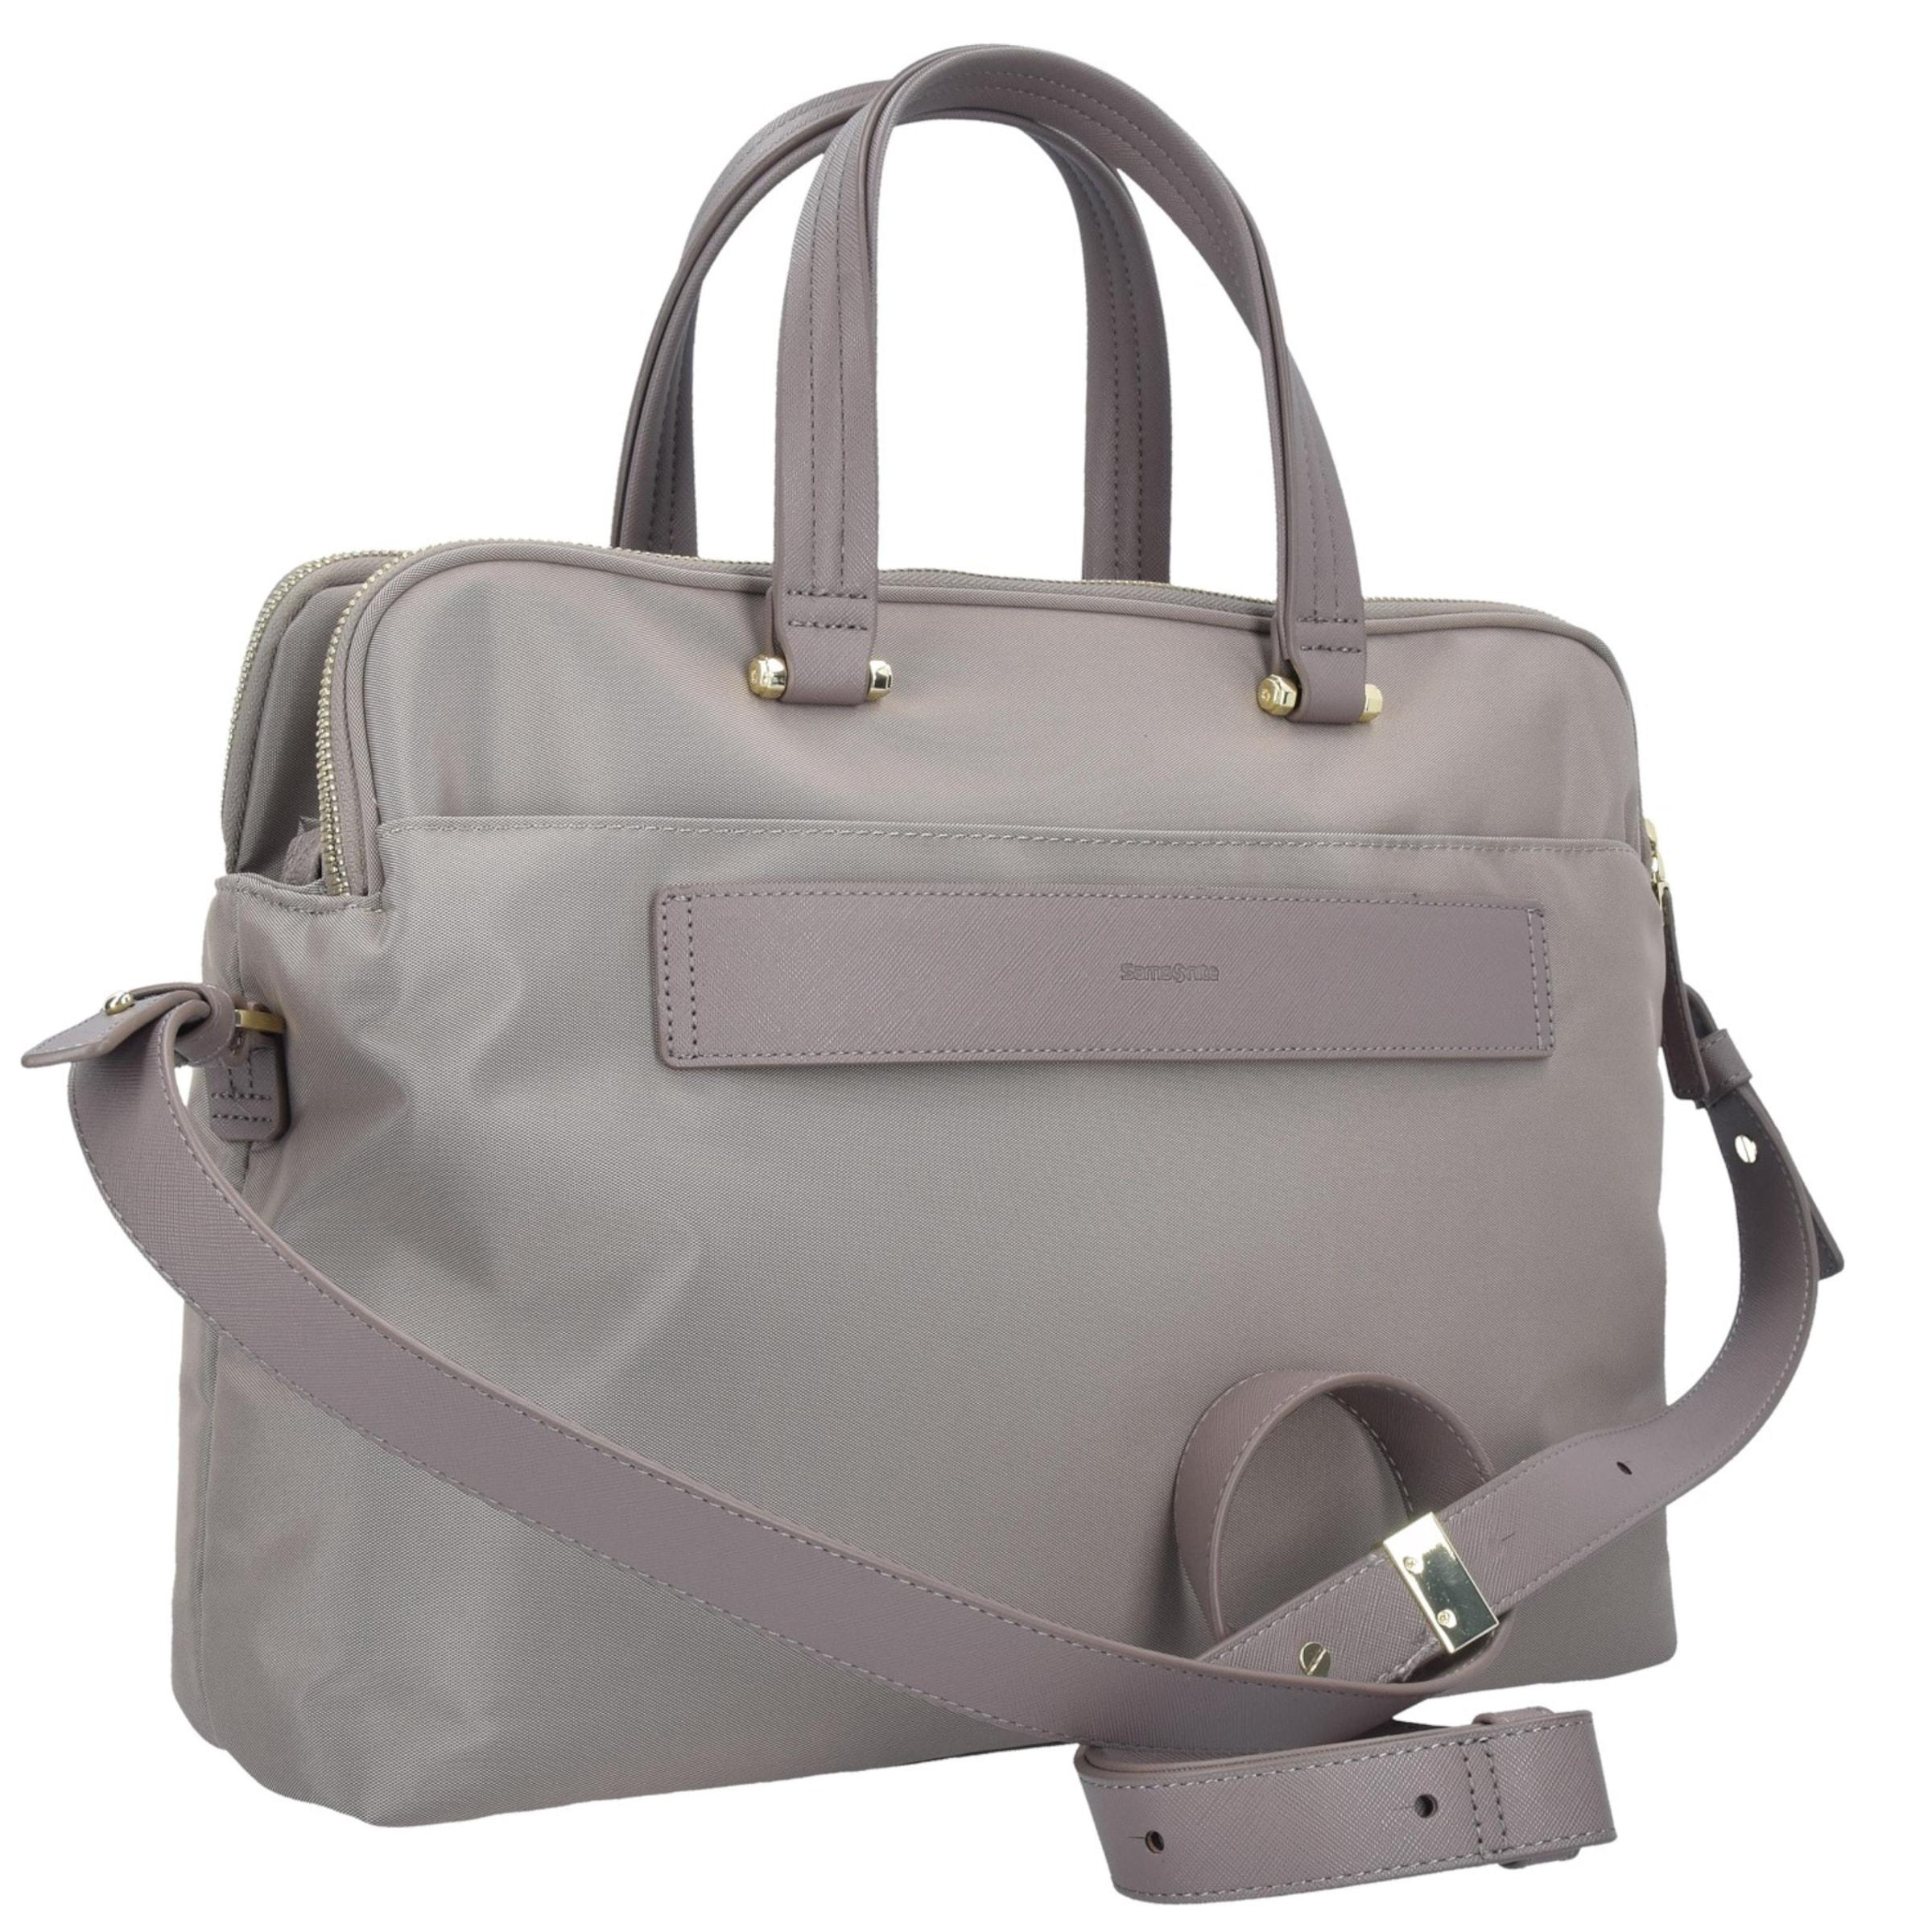 Online Grenze Angebot Billig SAMSONITE Zalia Businesstasche 42 cm Laptopfach Neue Und Mode Verkauf Erhalten Zu Kaufen sQmpVFiNM